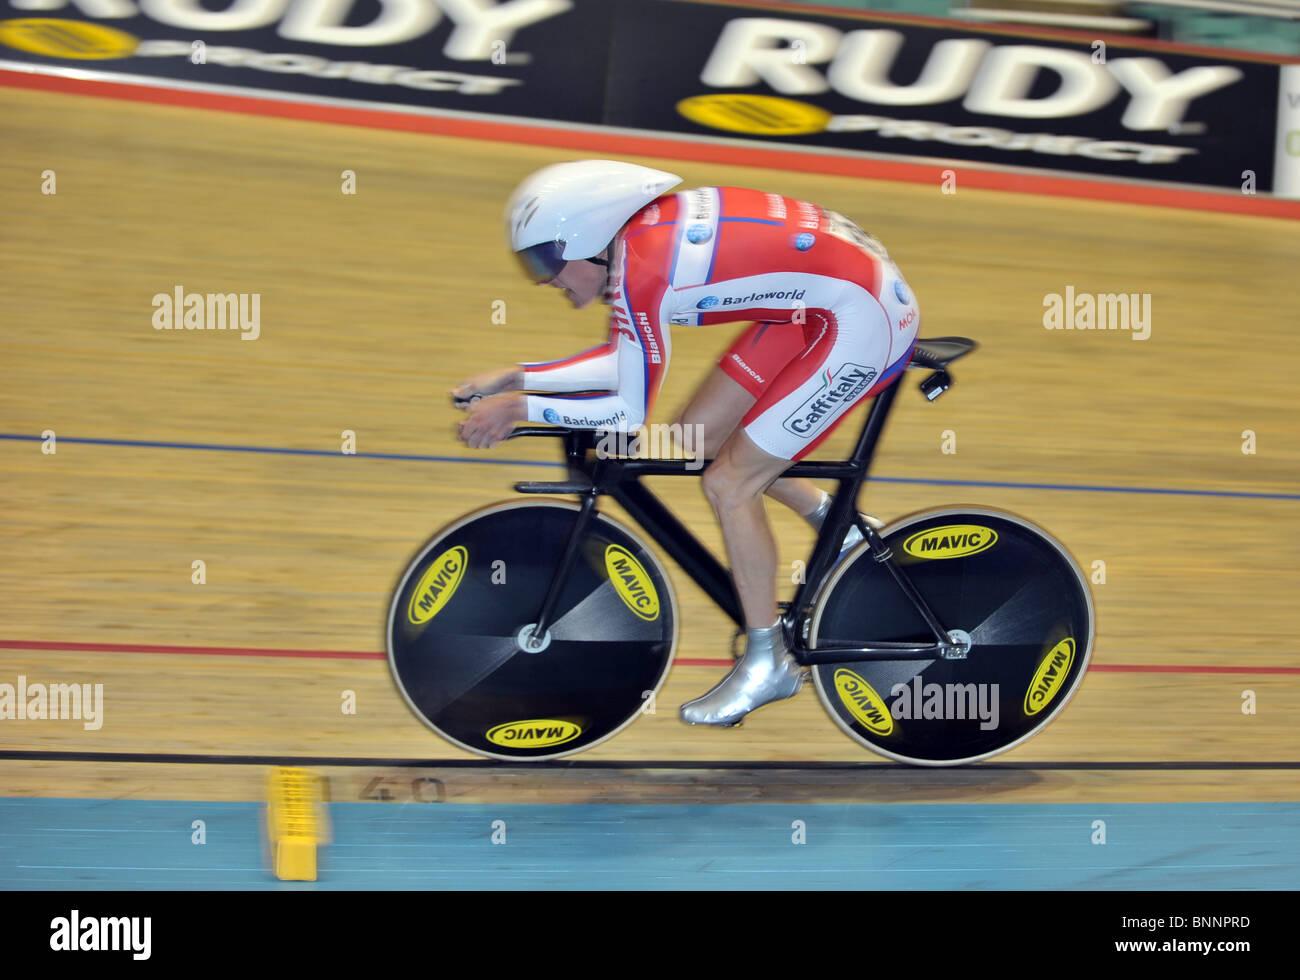 Geraint Thomas (Barloworld). 4km persecución calificadores. Sesión de la tarde del jueves. British Cycling Imagen De Stock